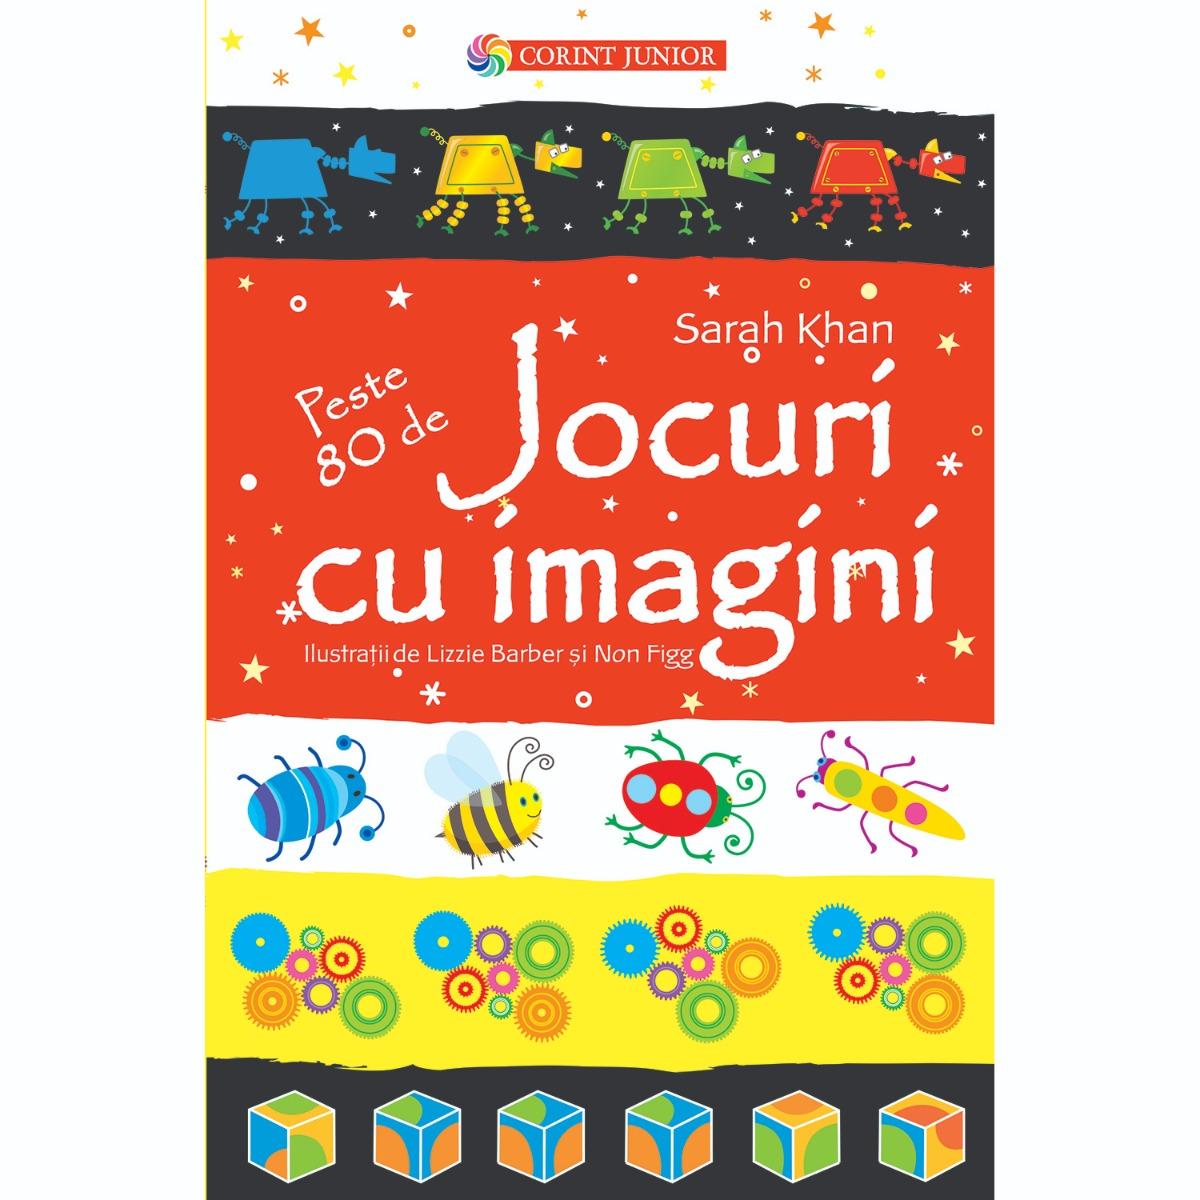 Carte Editura Corint, Jocuri cu imagini, Sarah Khan